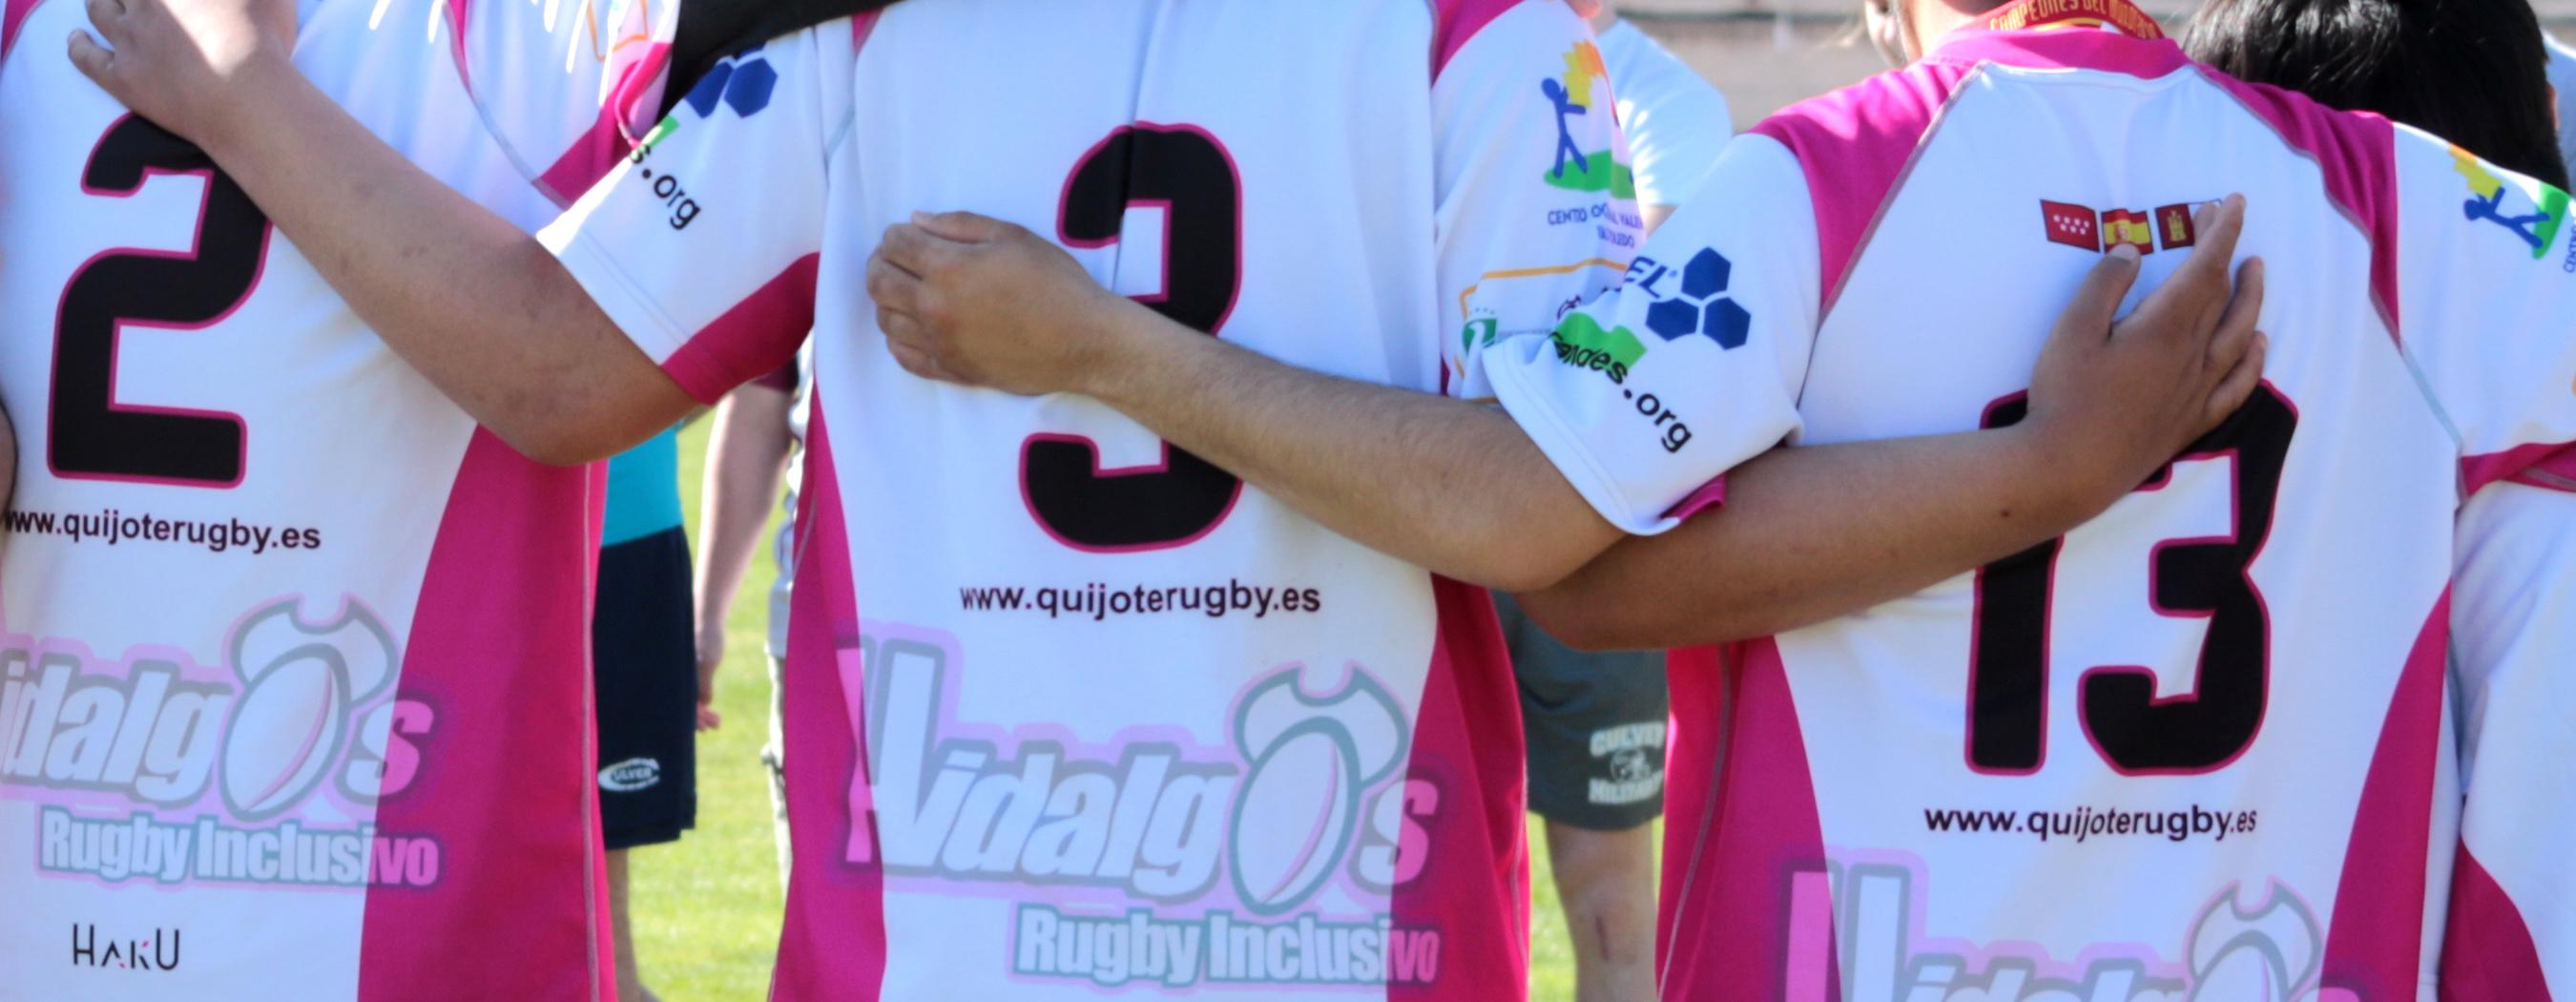 Resumen del I Congreso de Inclusión Deportiva – Rugby Inclusivo